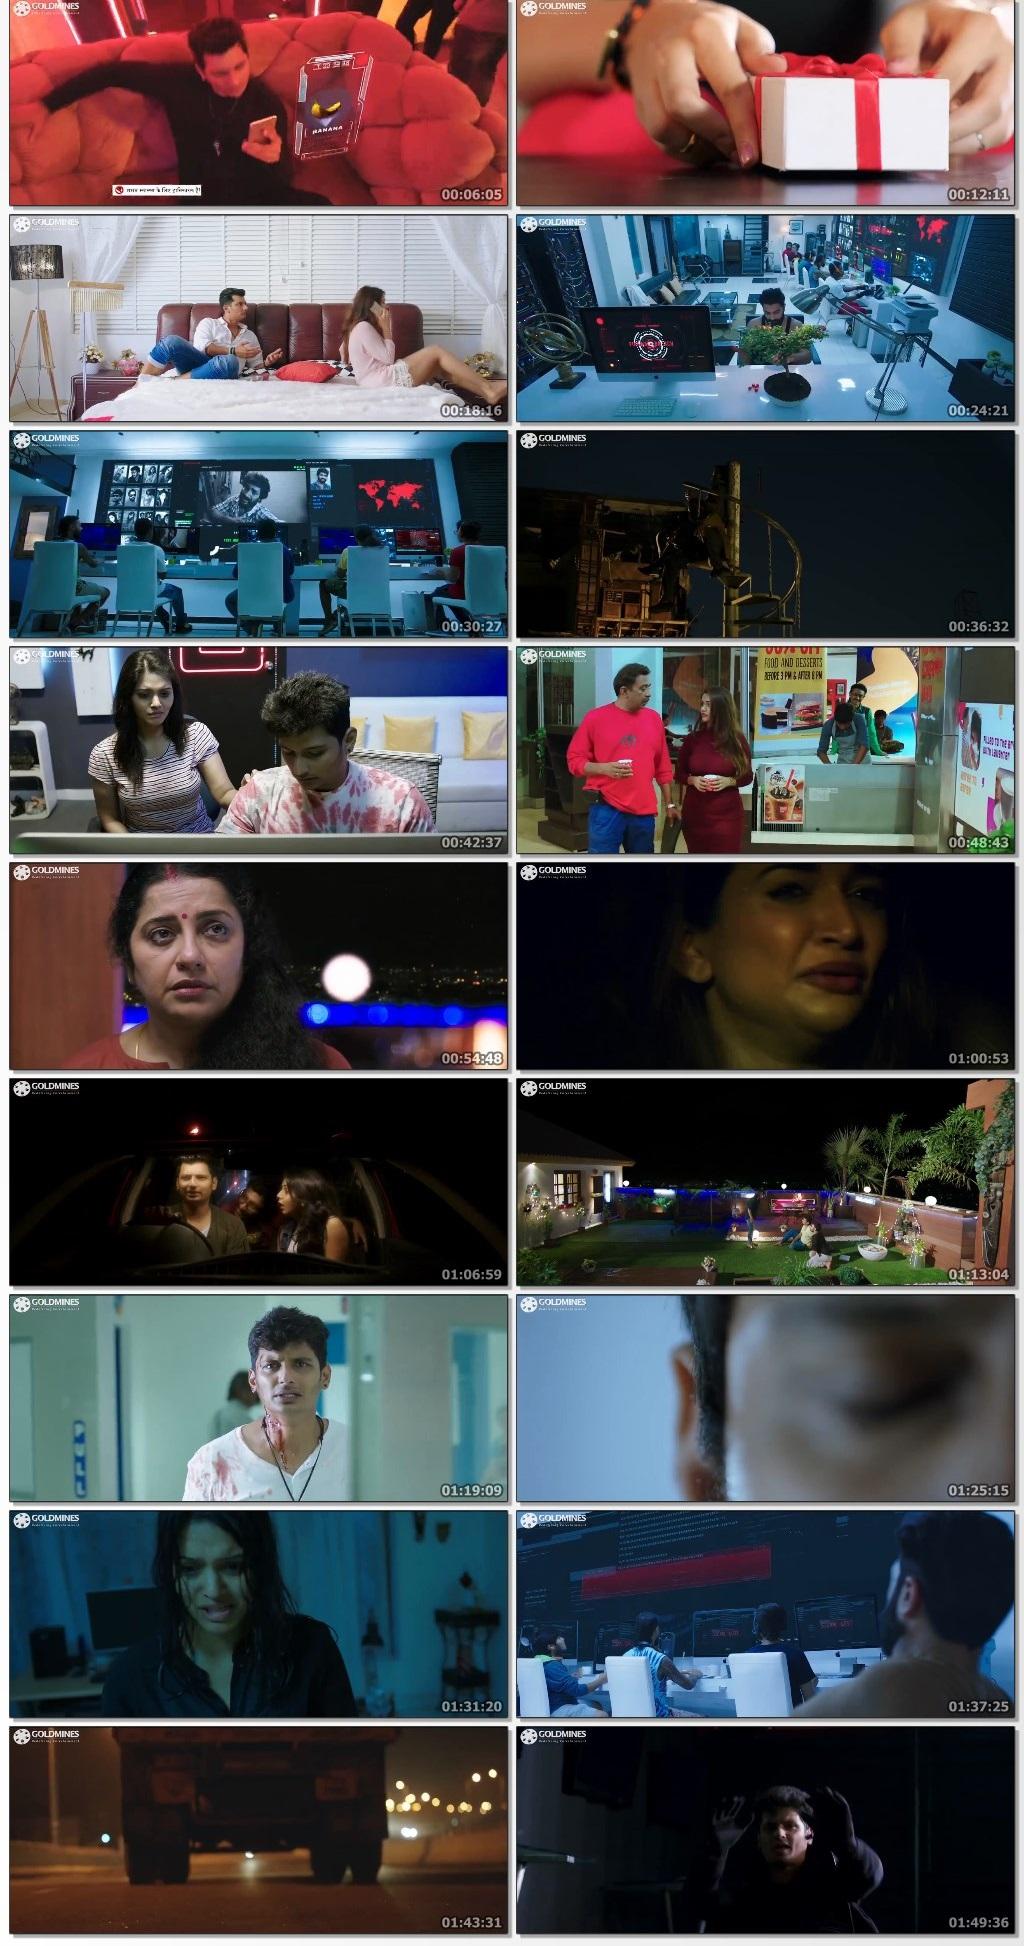 Kee-2019-Hindi-Dubbed-Movie-mkv-thumbs